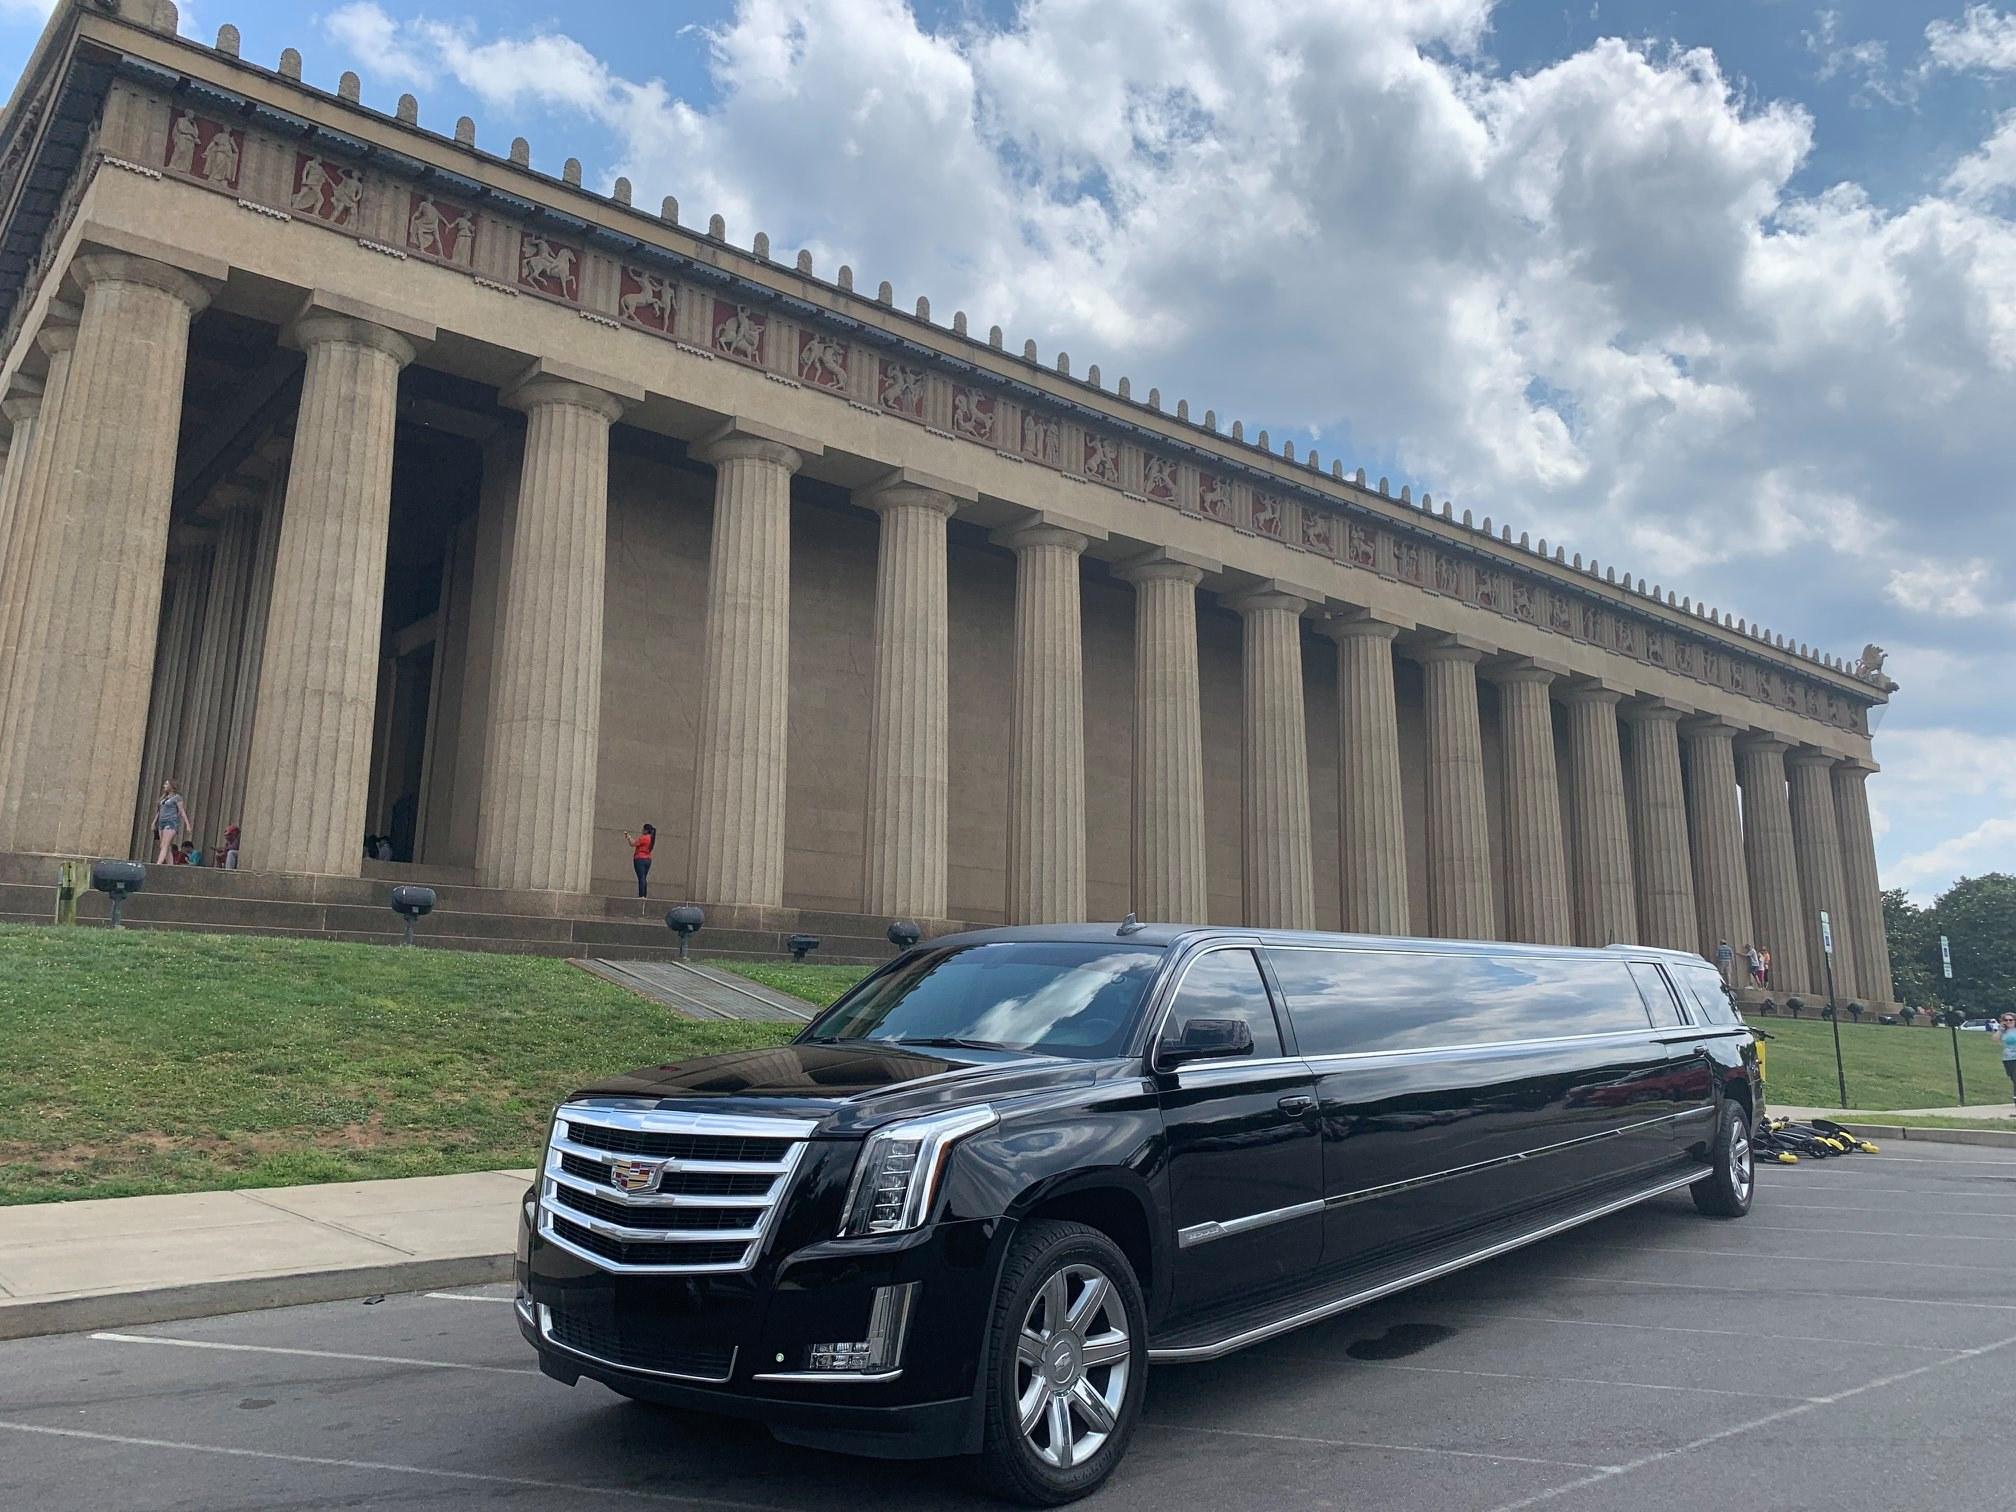 2019 Escalade Limousine2-Nashville-Chauffeur